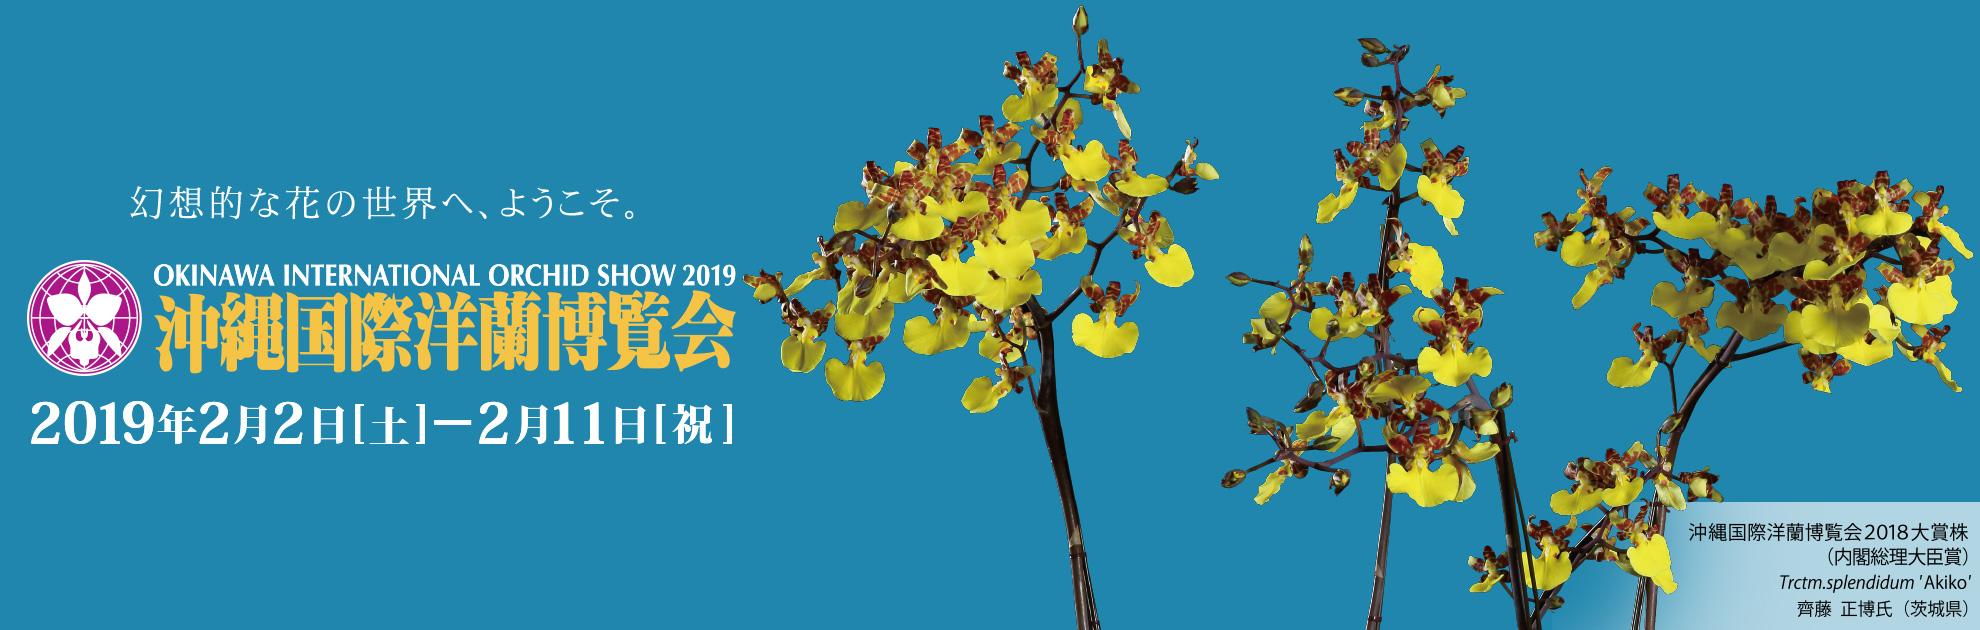 okinawakokusaiyoranhaku*kai 2019